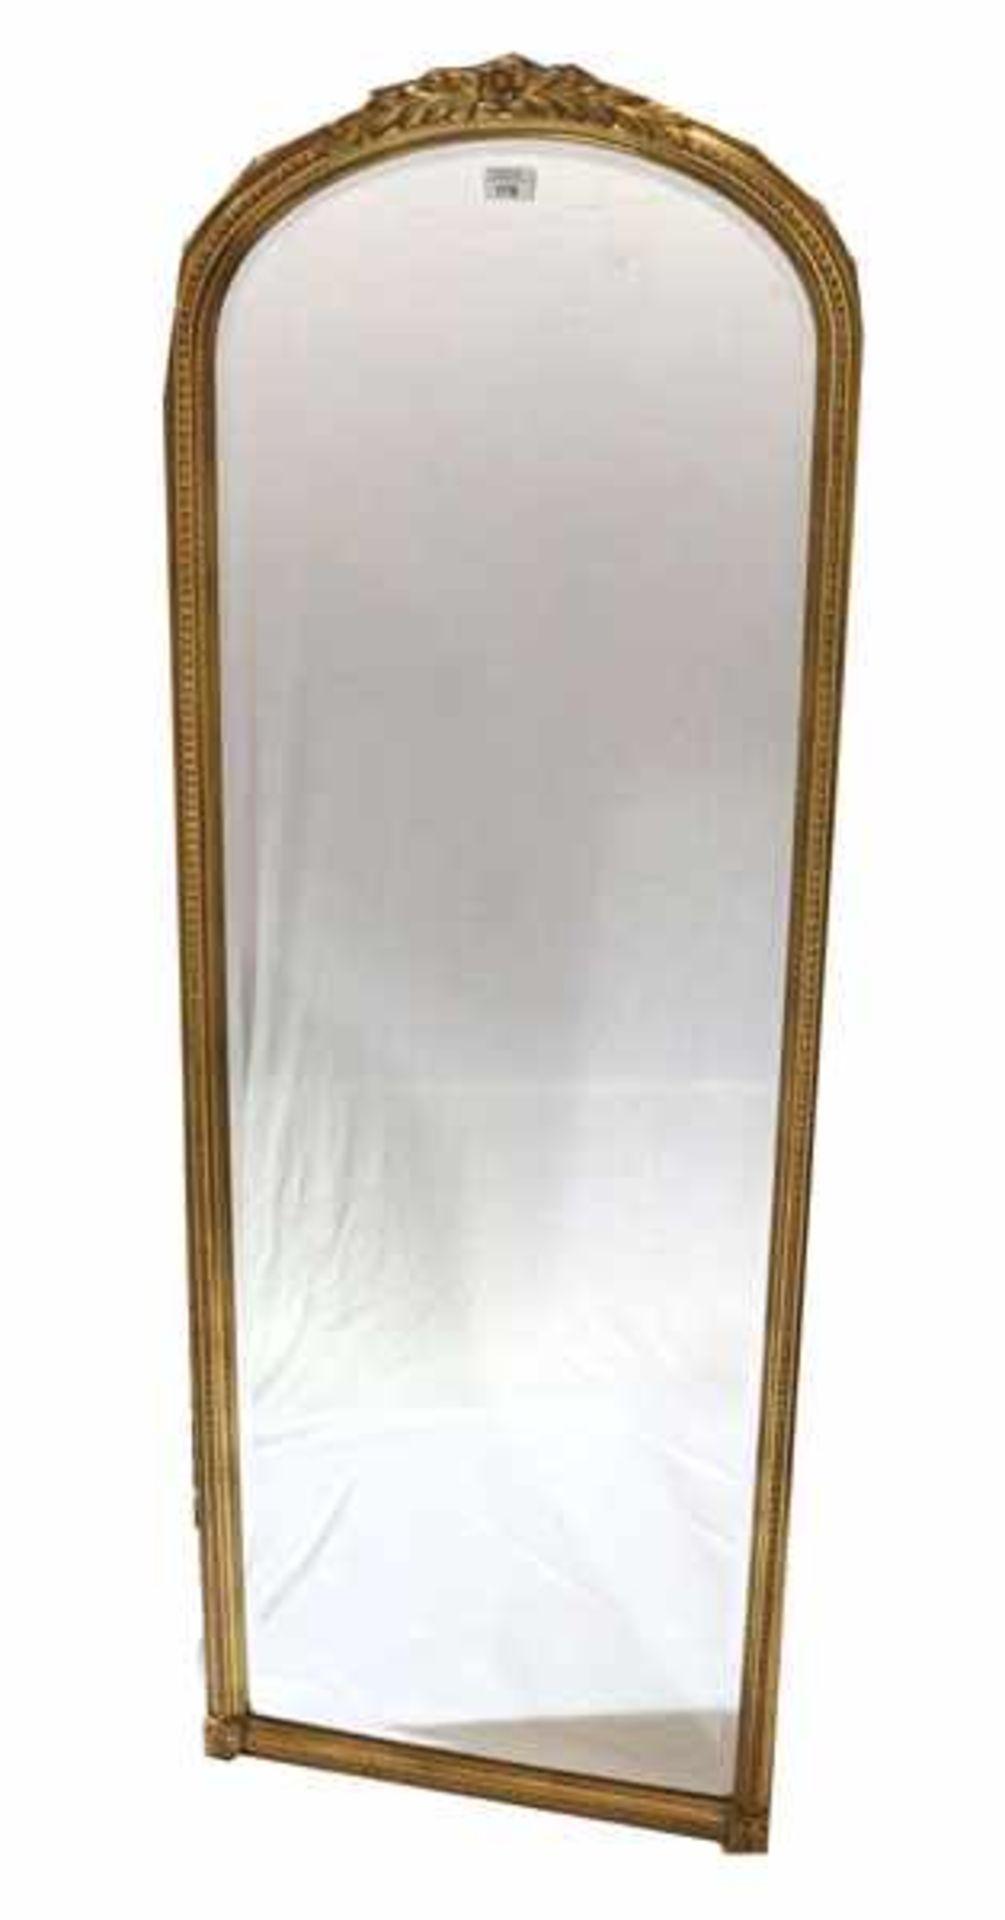 Los 176 - Wandspiegel mit Facettenschliff, Reliefdekor, H 153 cm, B 56 cm